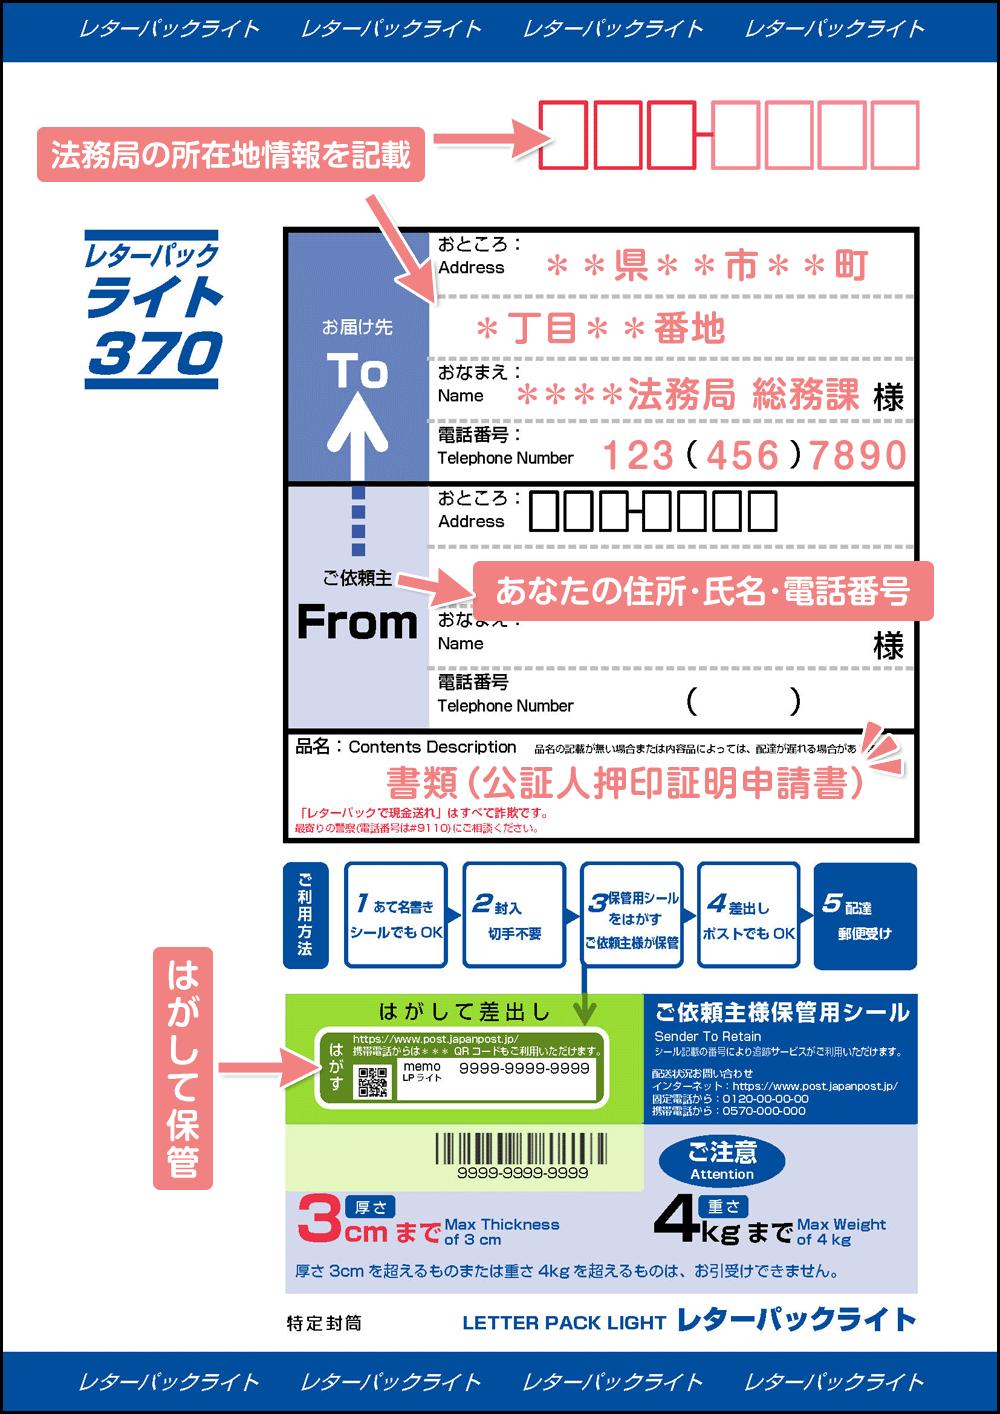 送付用レターパックの書き方_公証人押印証明